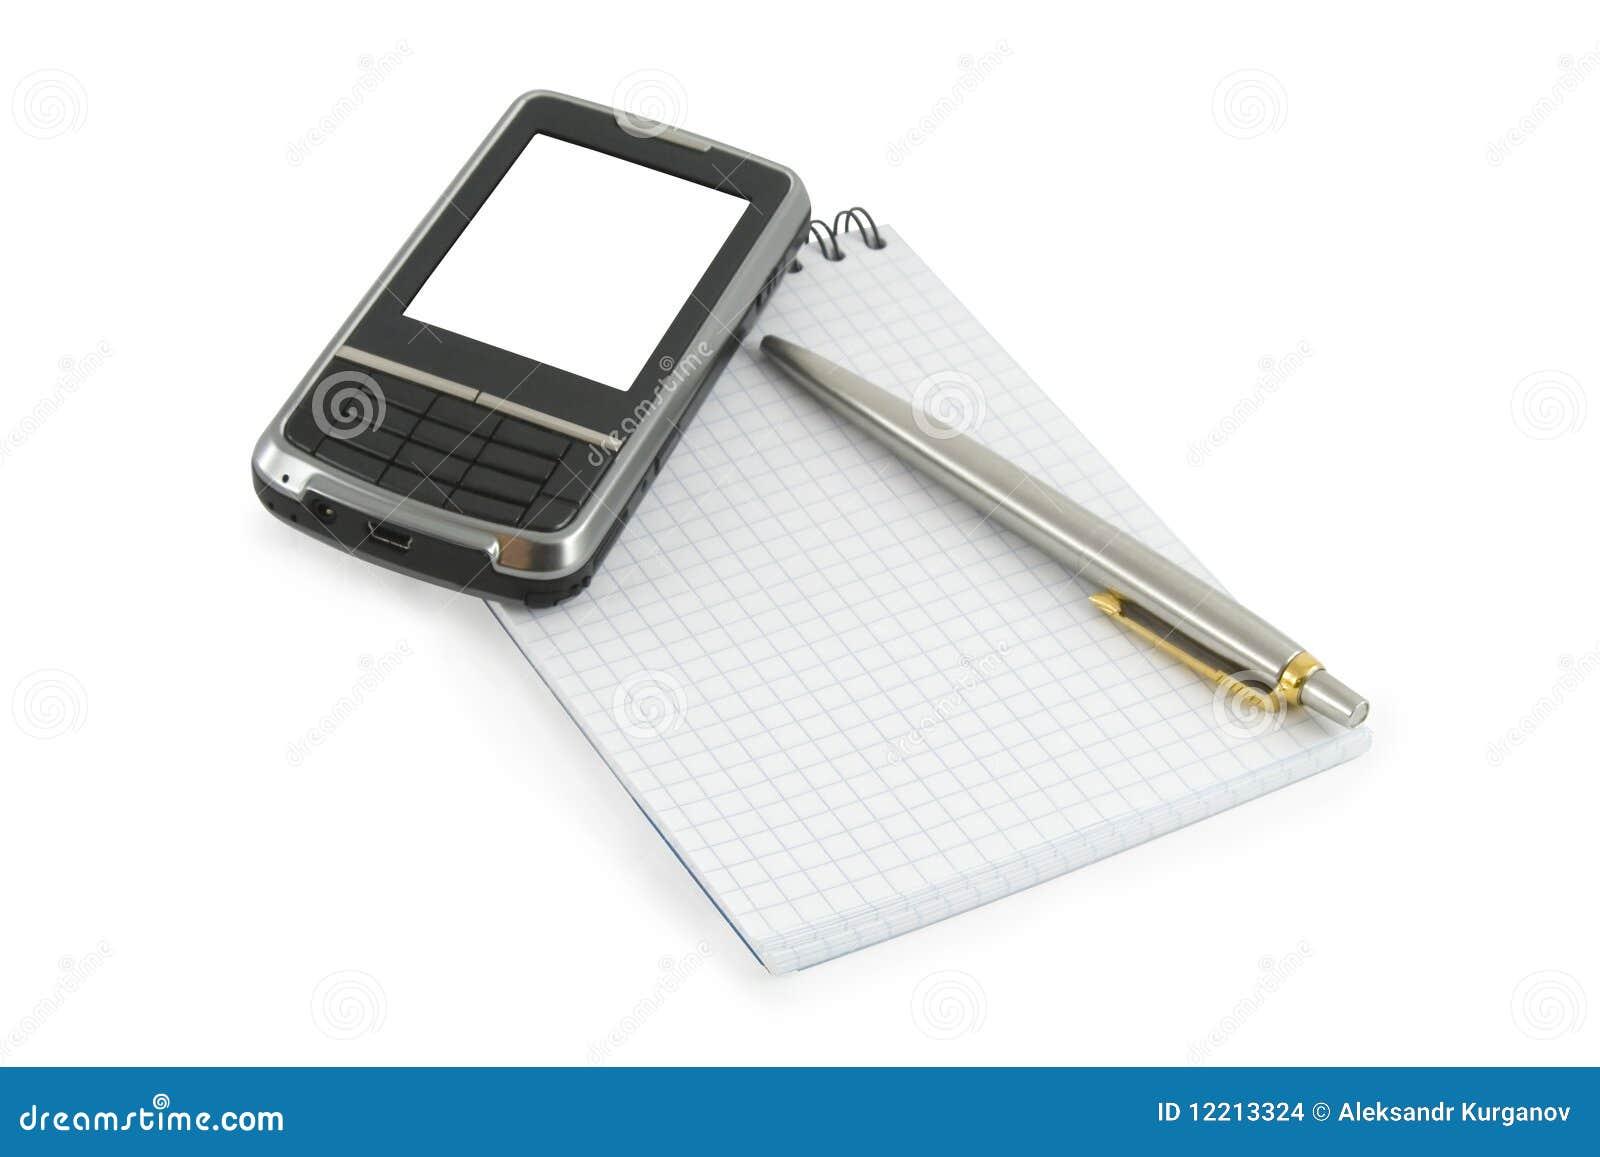 Caderno, pena e telefone móvel nele